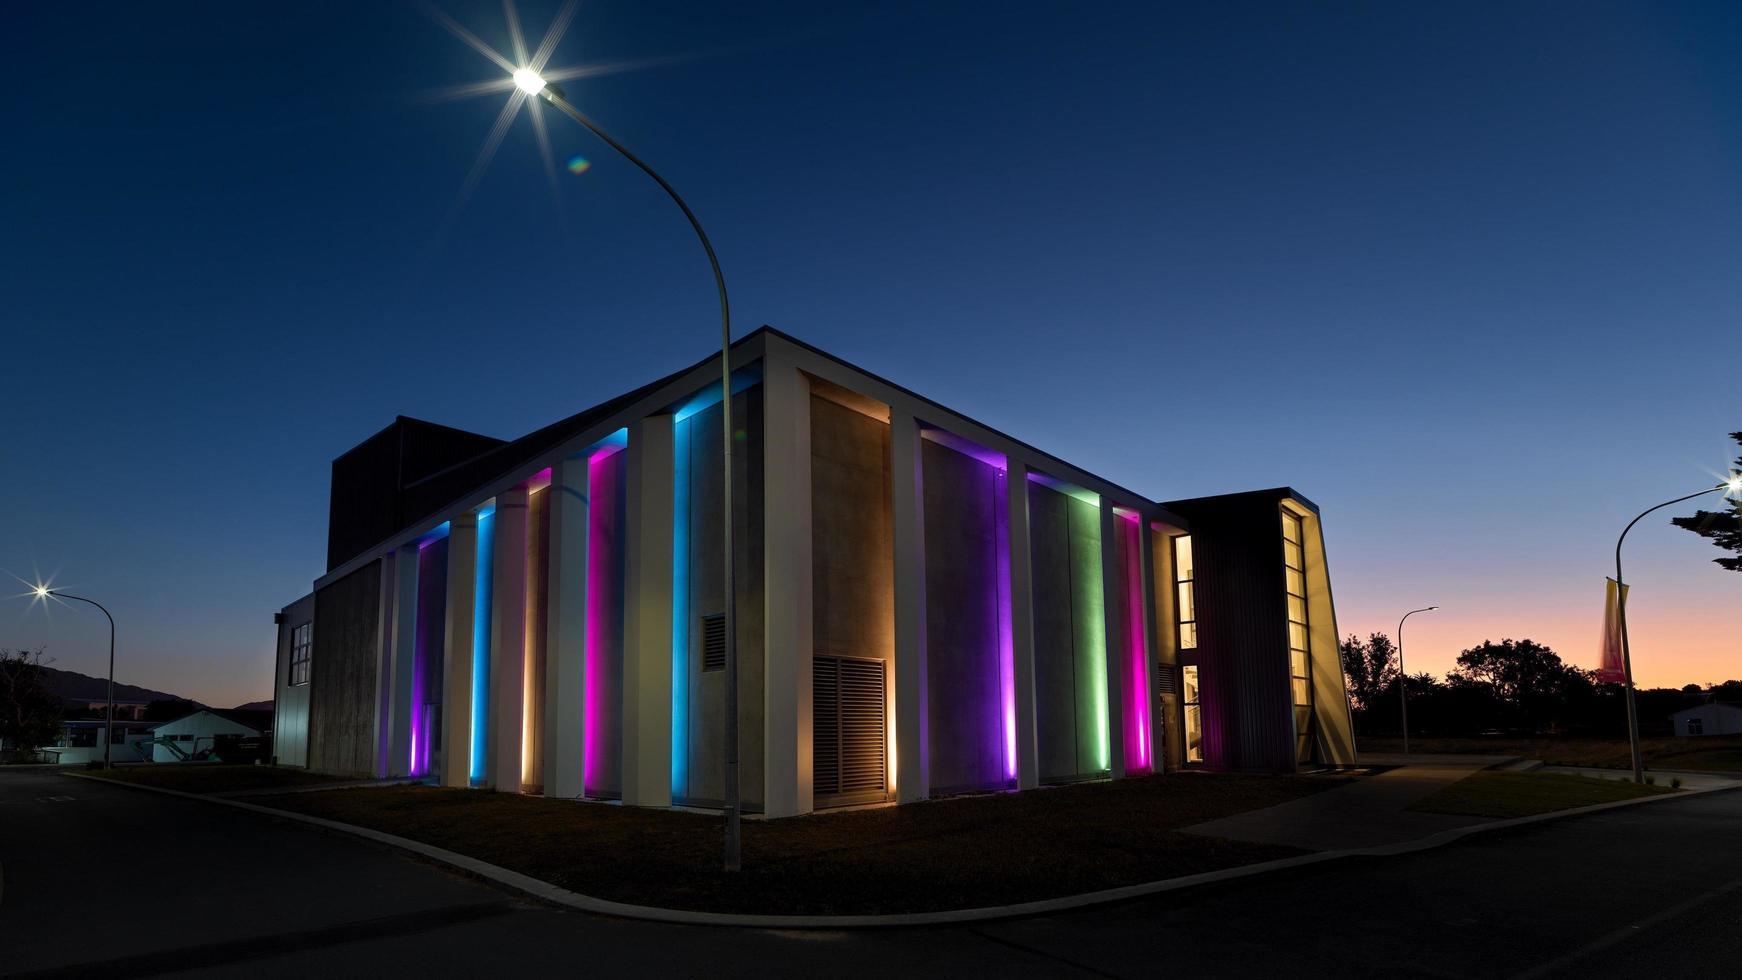 edificio illuminato di verde e giallo viola durante la notte foto